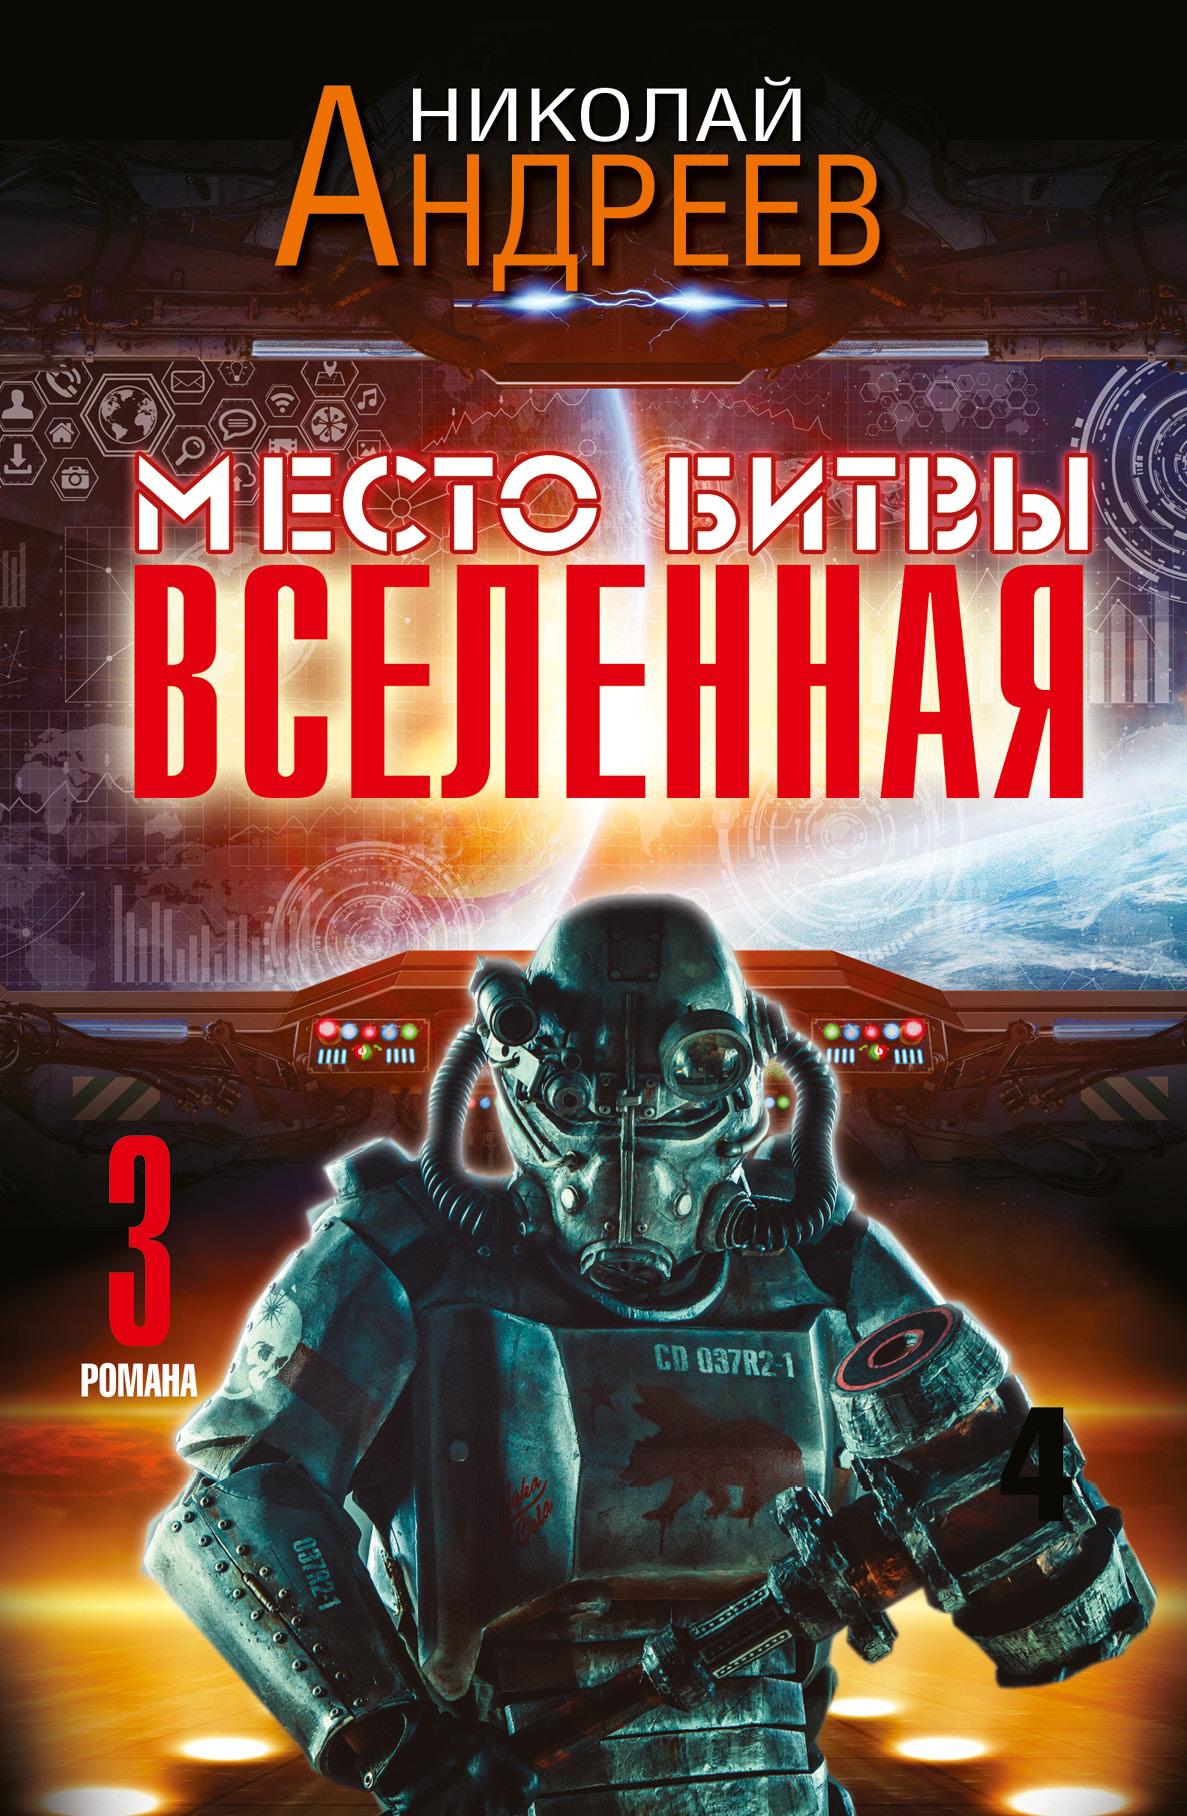 Андреев Н.Ю. Место битвы - Вселенная. 3 романа